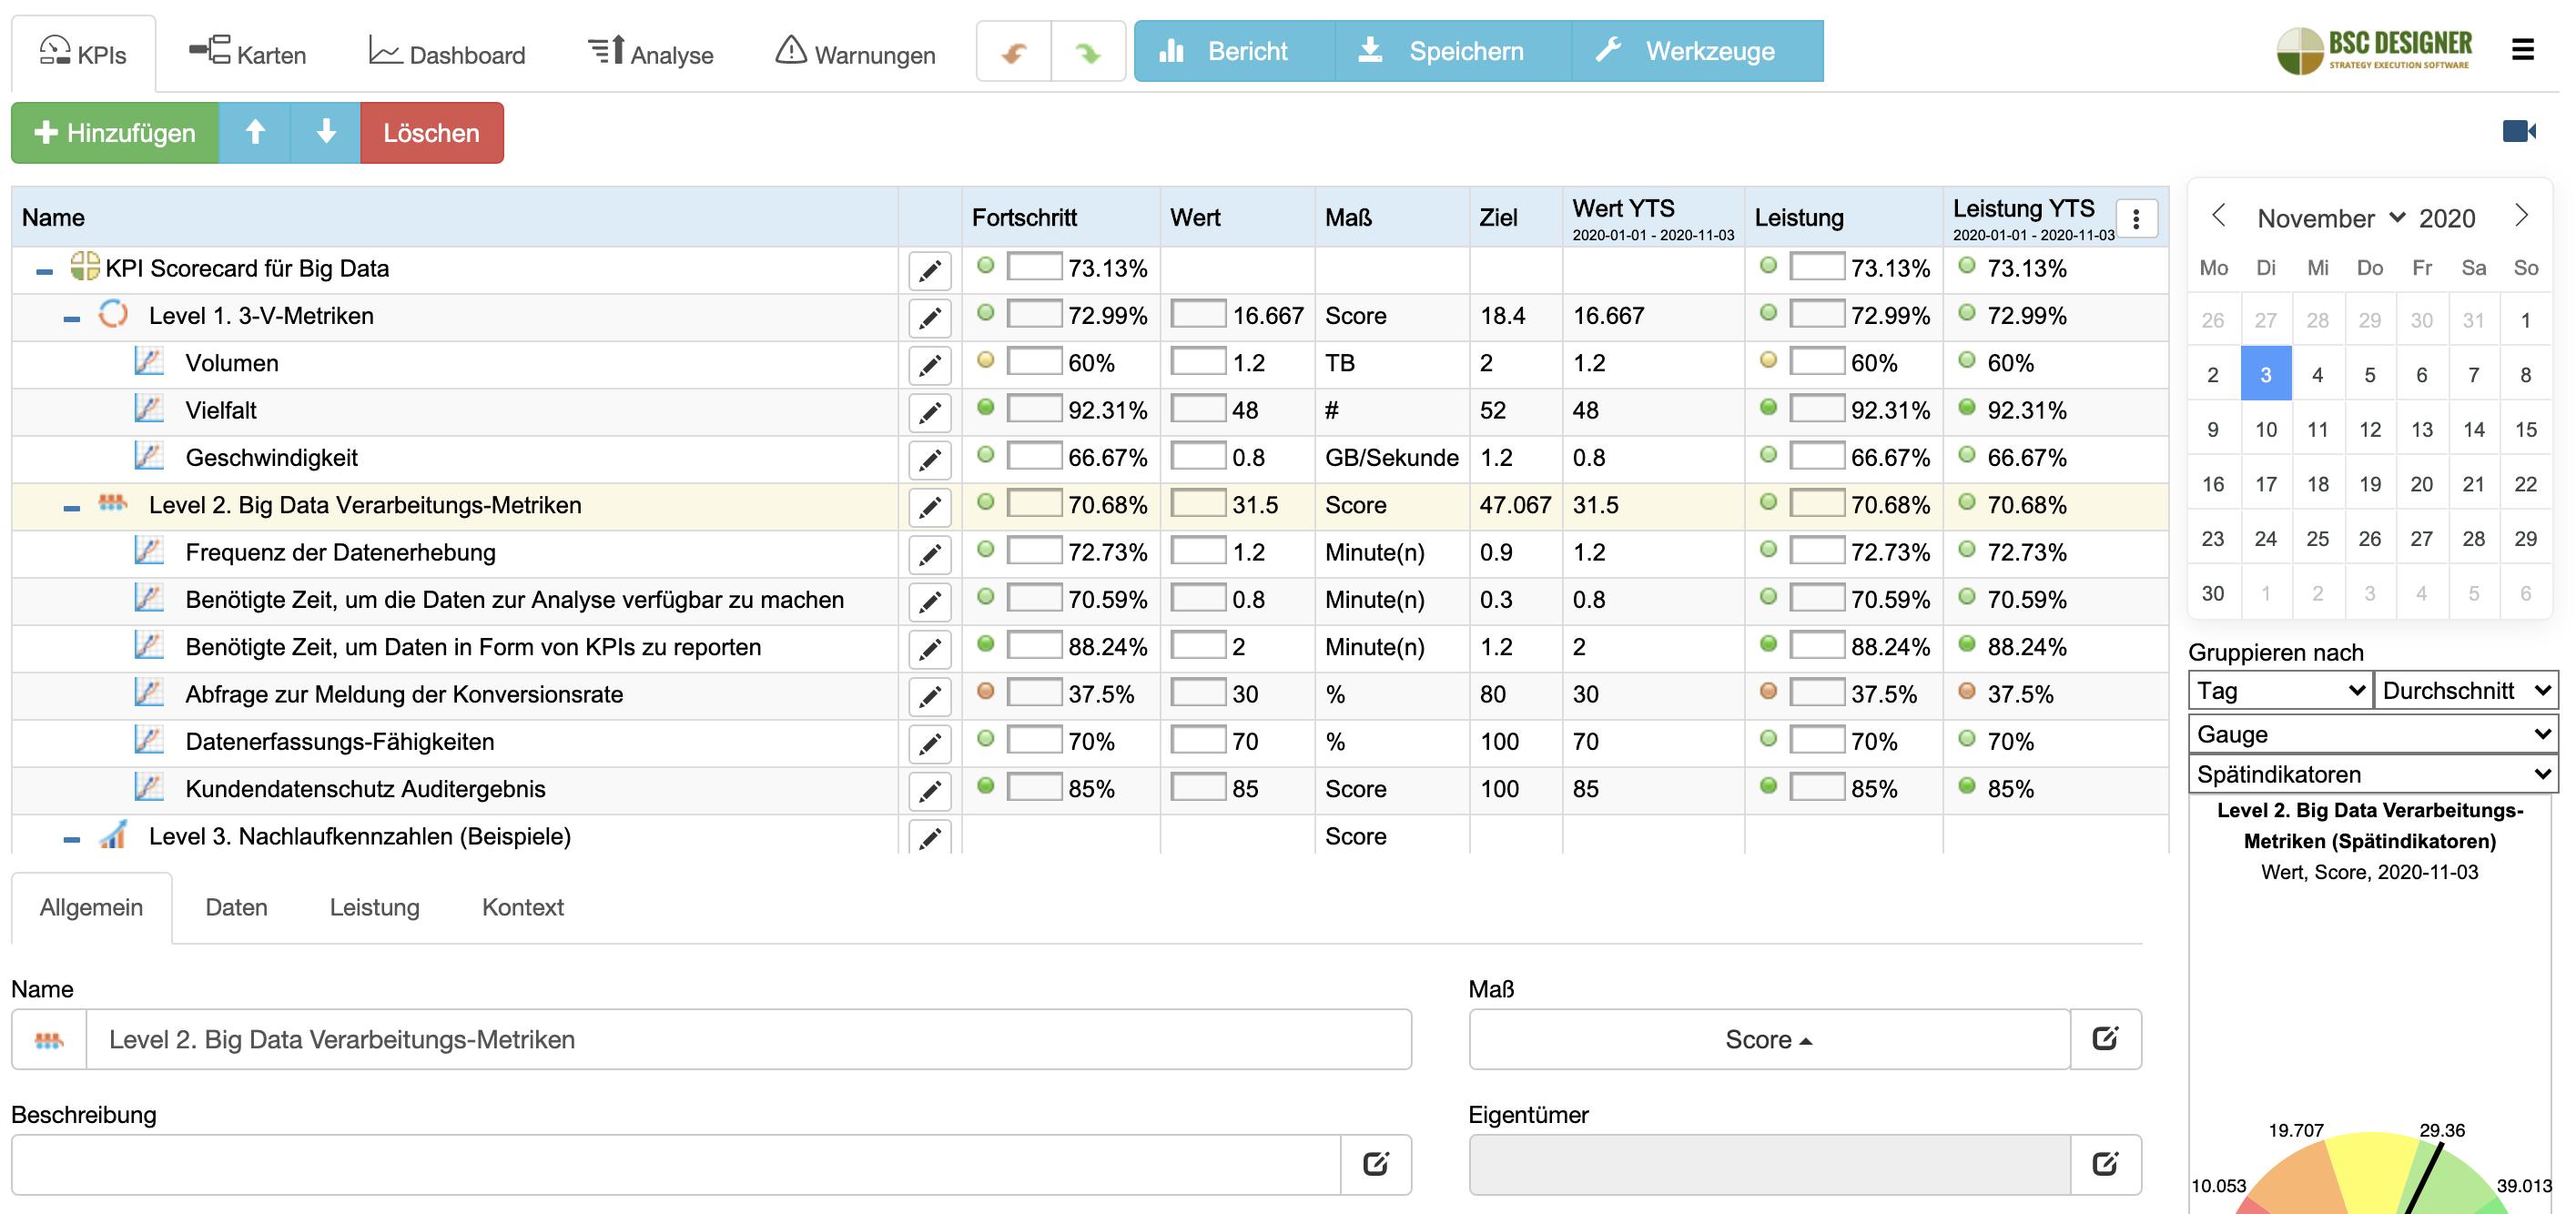 Big Data-KPIs in der mit BSC Designer erstellten Scorecard